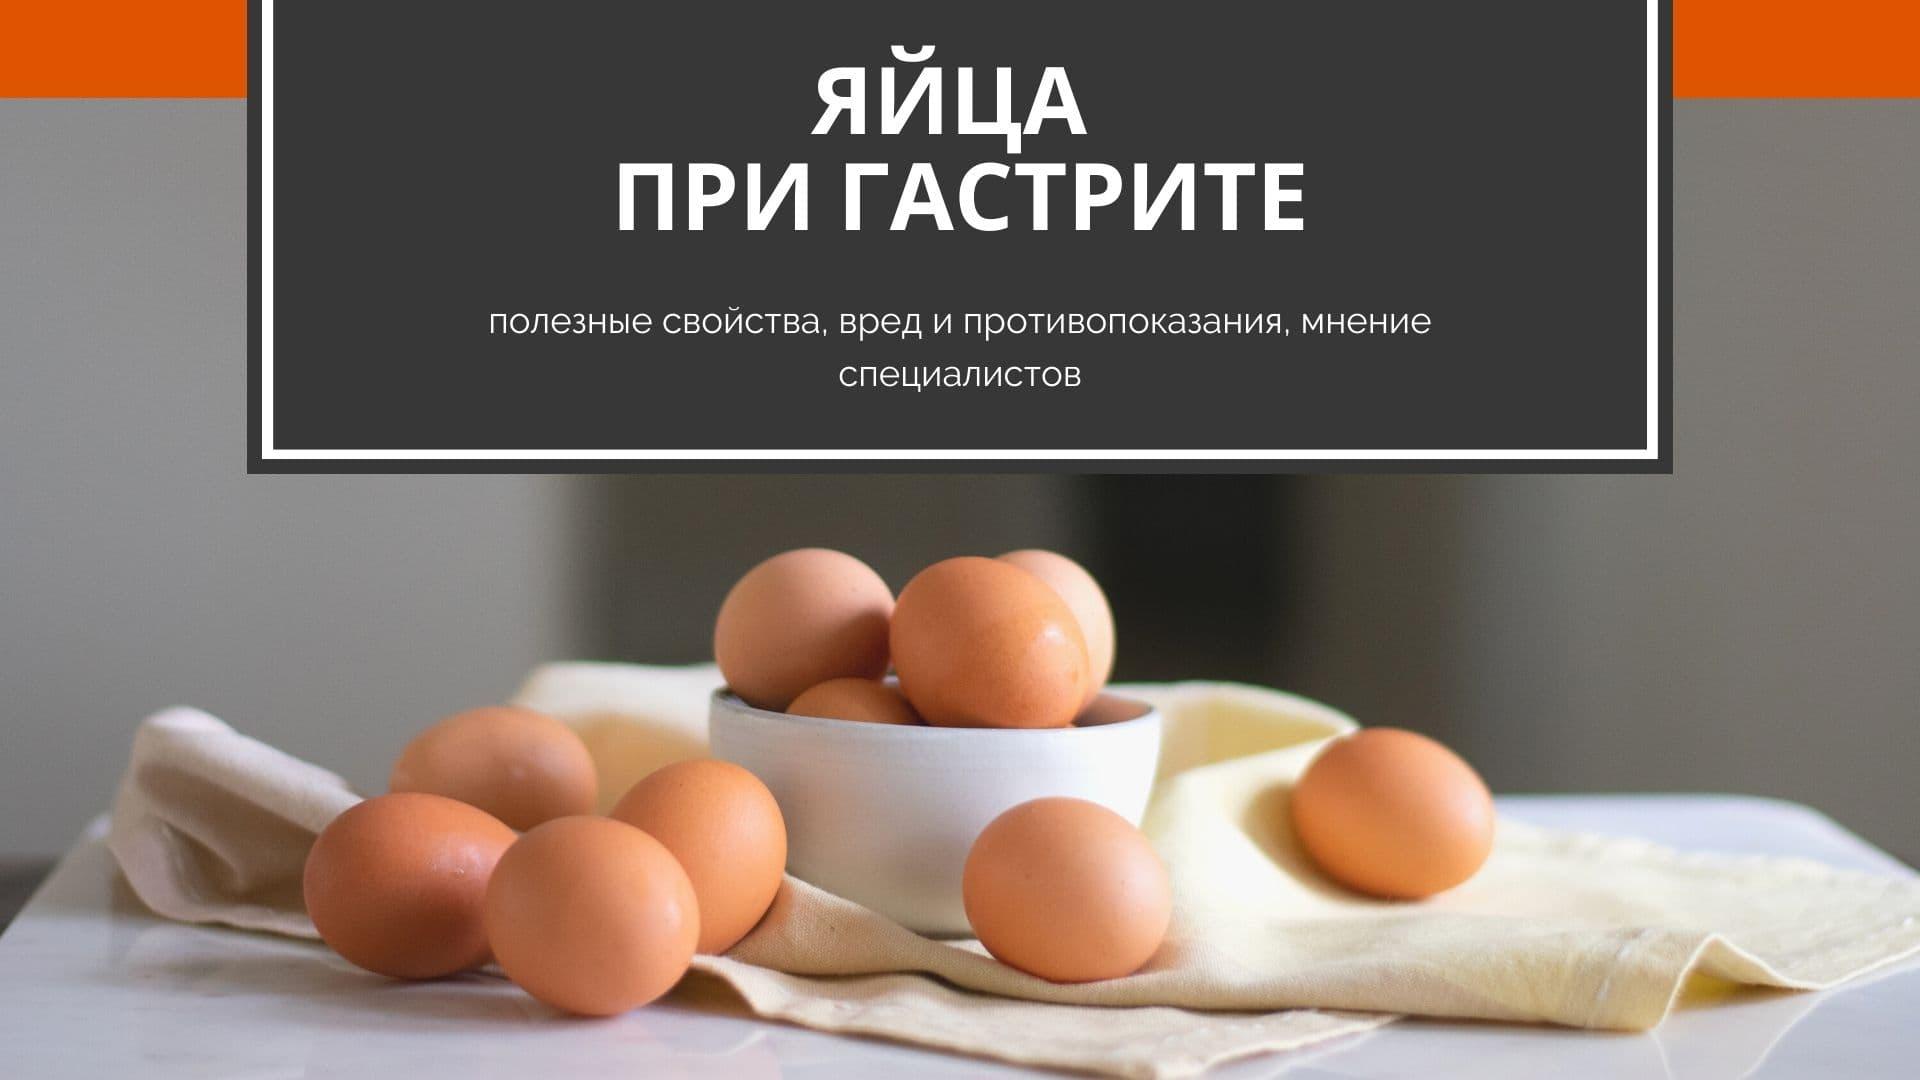 Яйца при гастрите: полезные свойства, вред и противопоказания, мнение специалистов